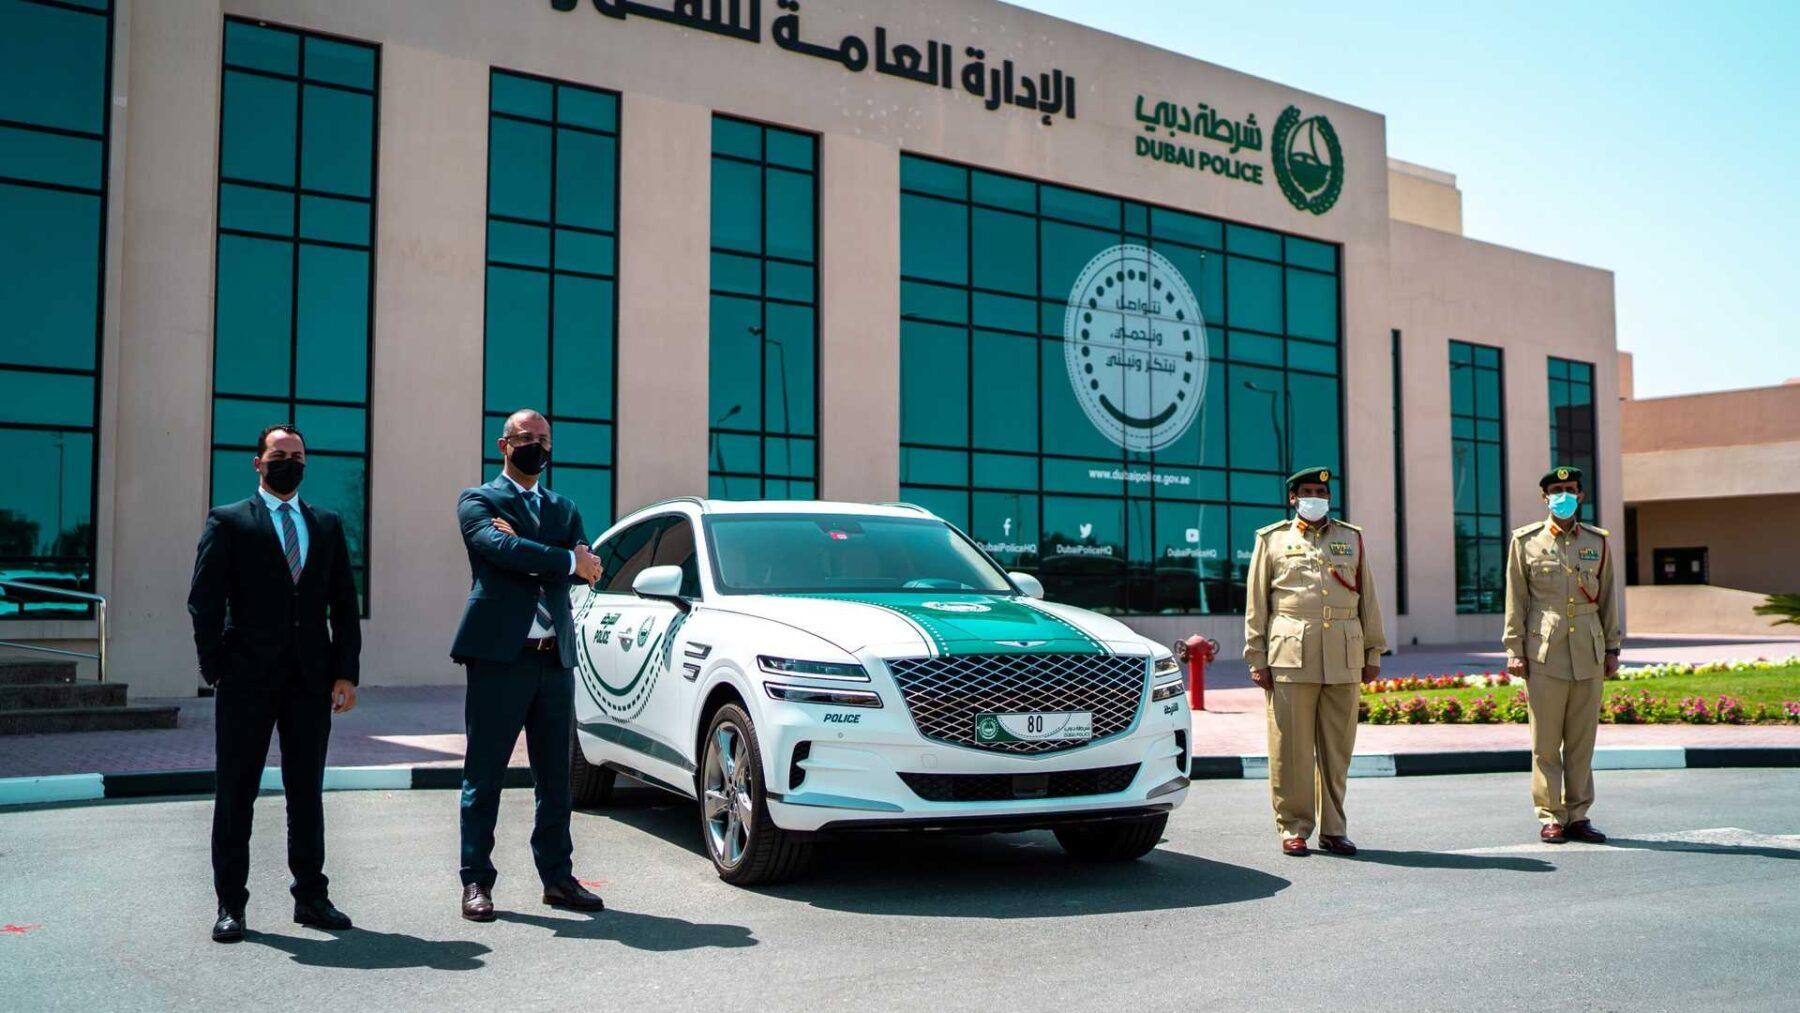 El Genesis GV80 posa junto a la policía de Dubái